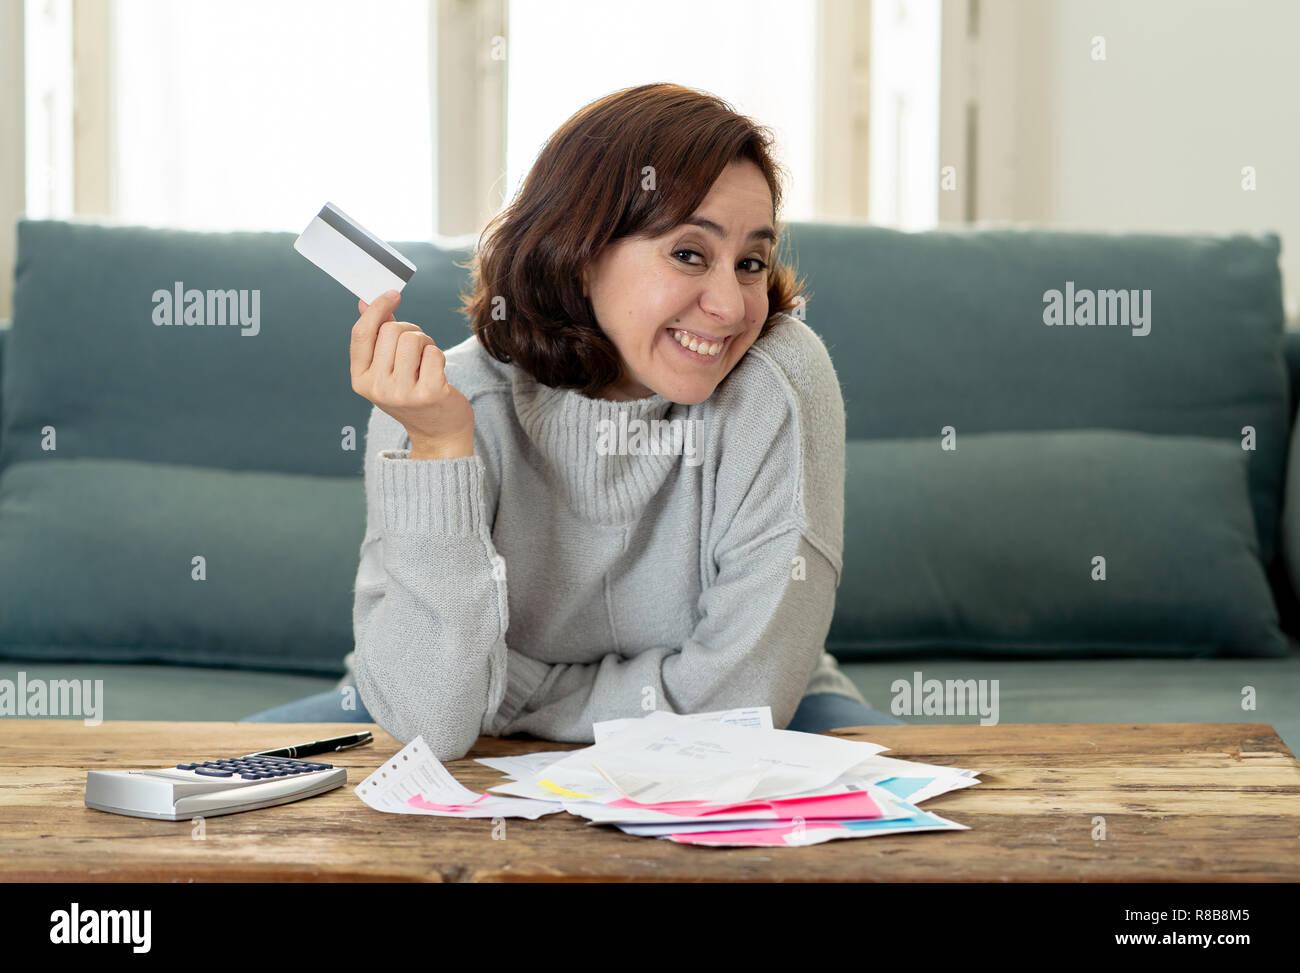 Jeune femme d'affaires d'Amérique latine attrayant à heureux et satisfaits de crédit débit carte avantages et l'utilisation et la comptabilité des coûts, frais, taxes et m Photo Stock